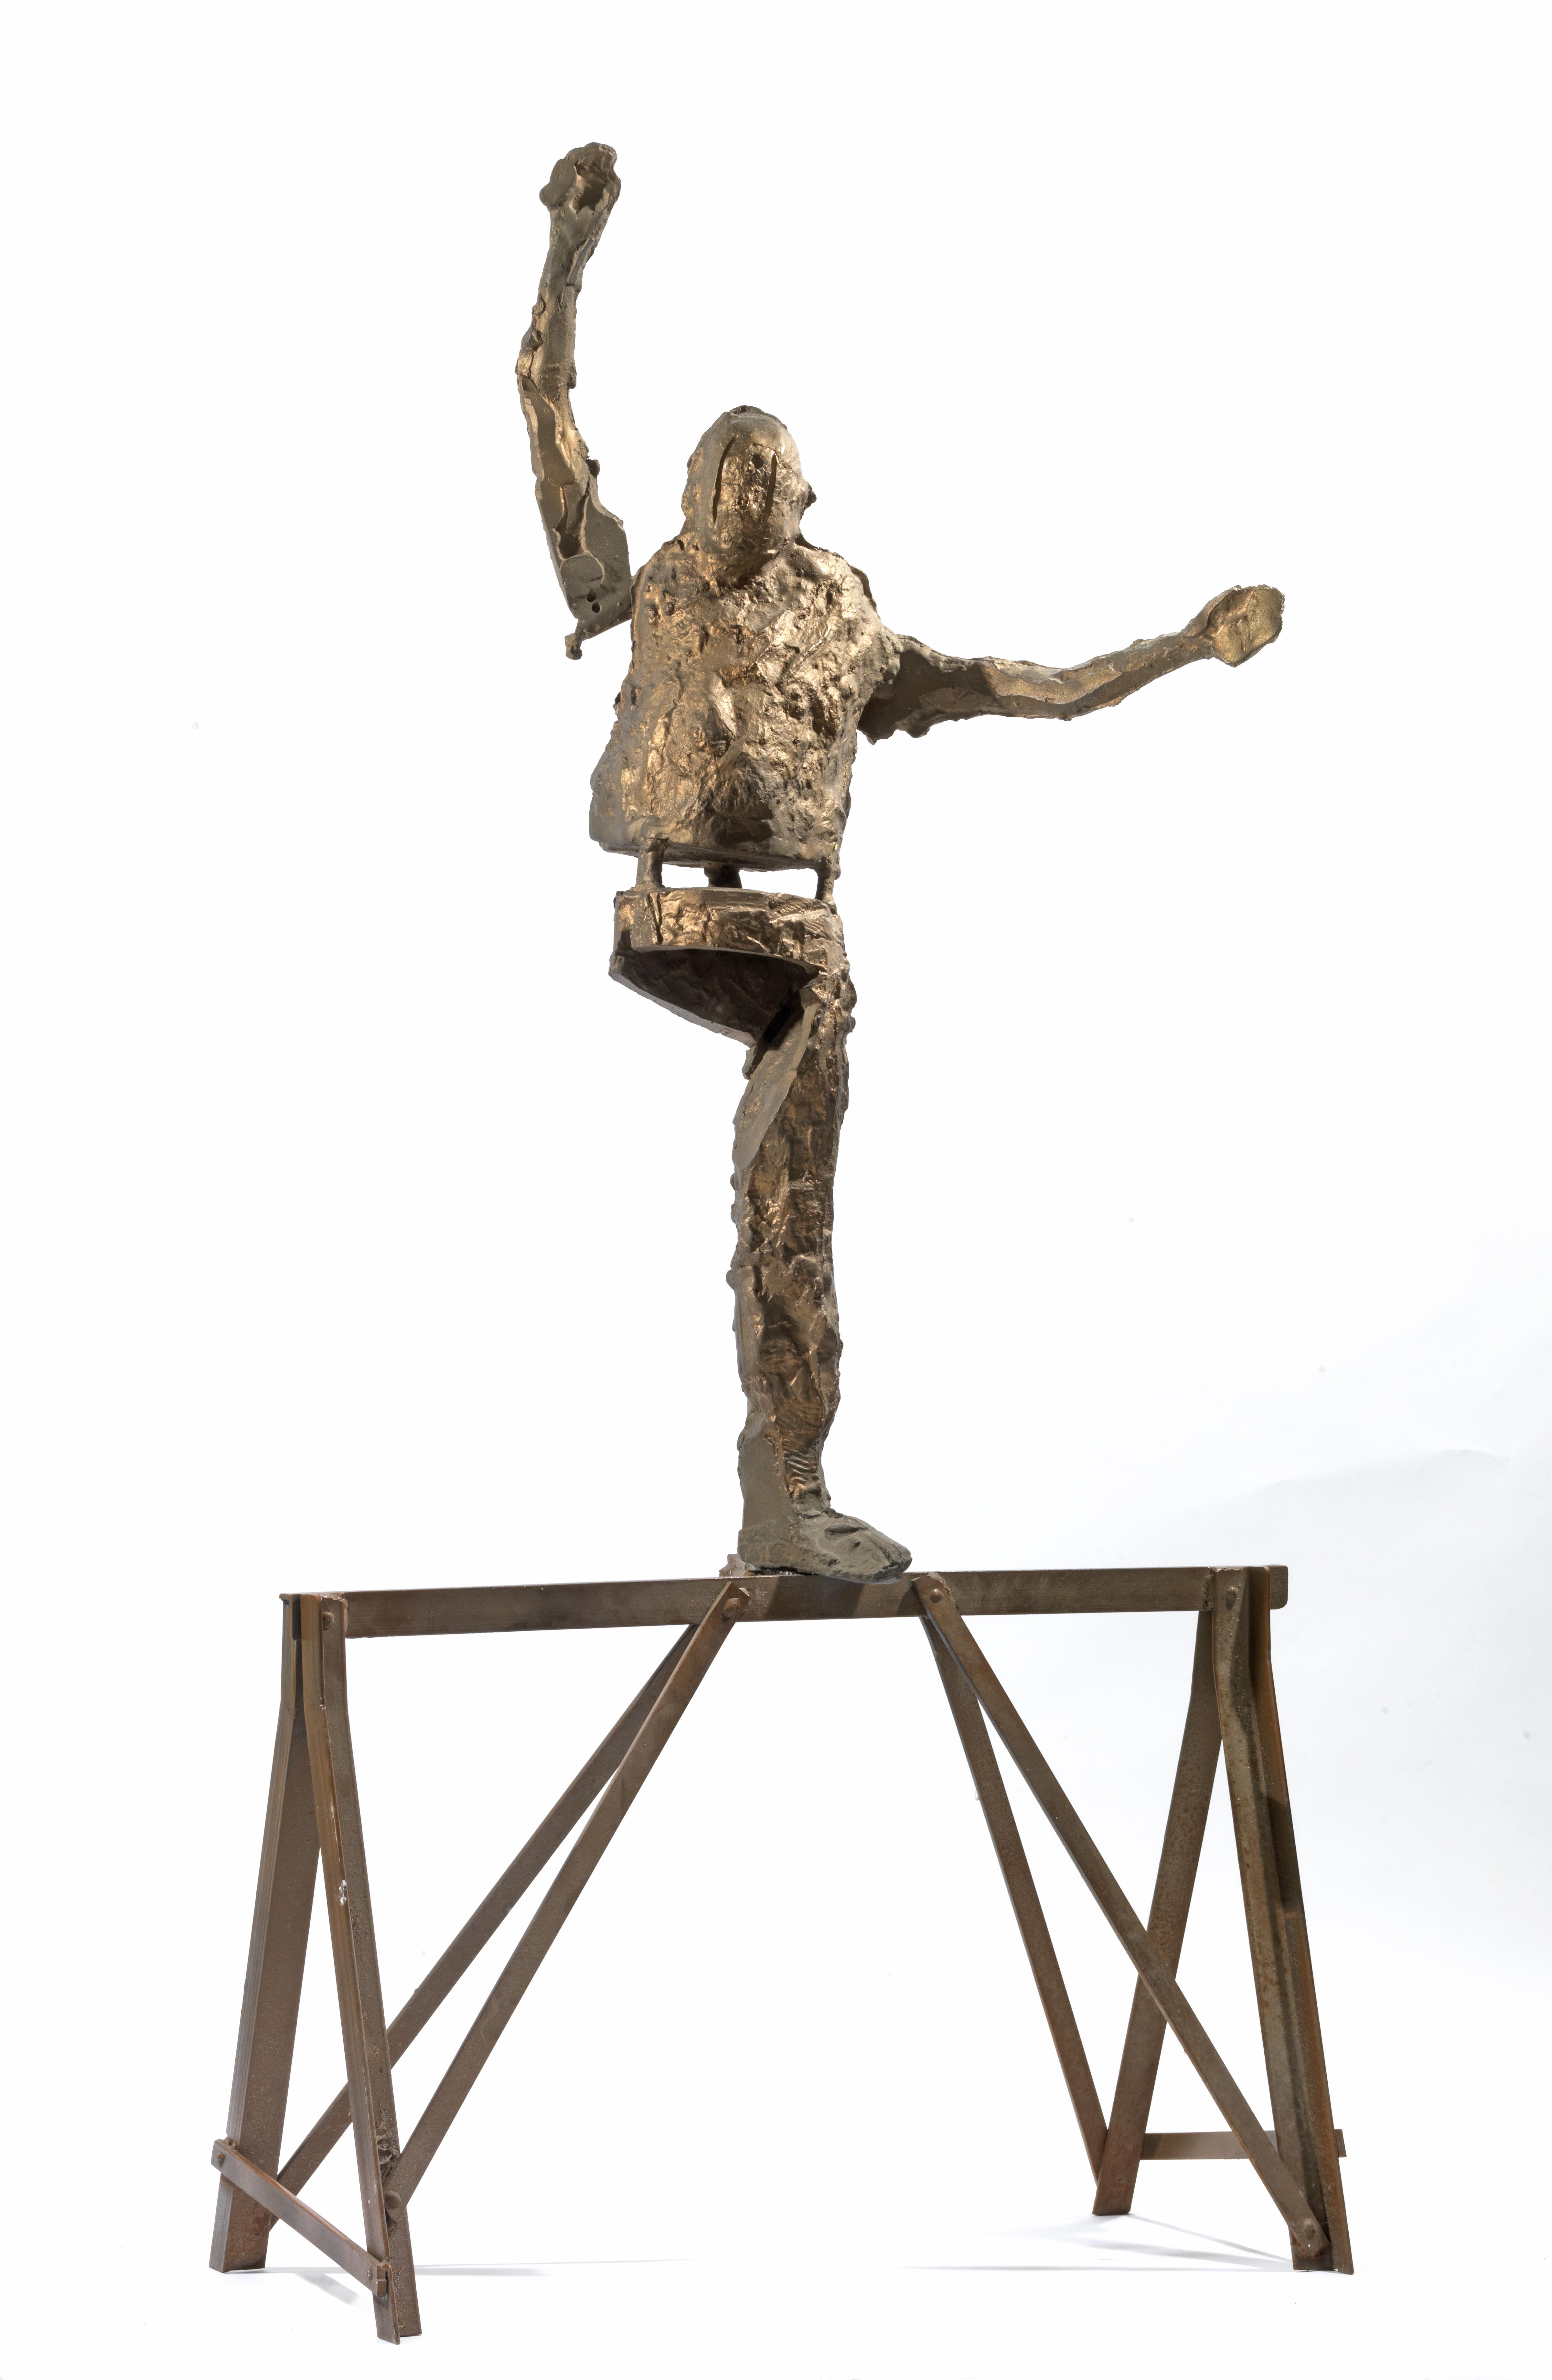 Ισορροπιστής, Μπρούντζος, 121x62x34, 2015